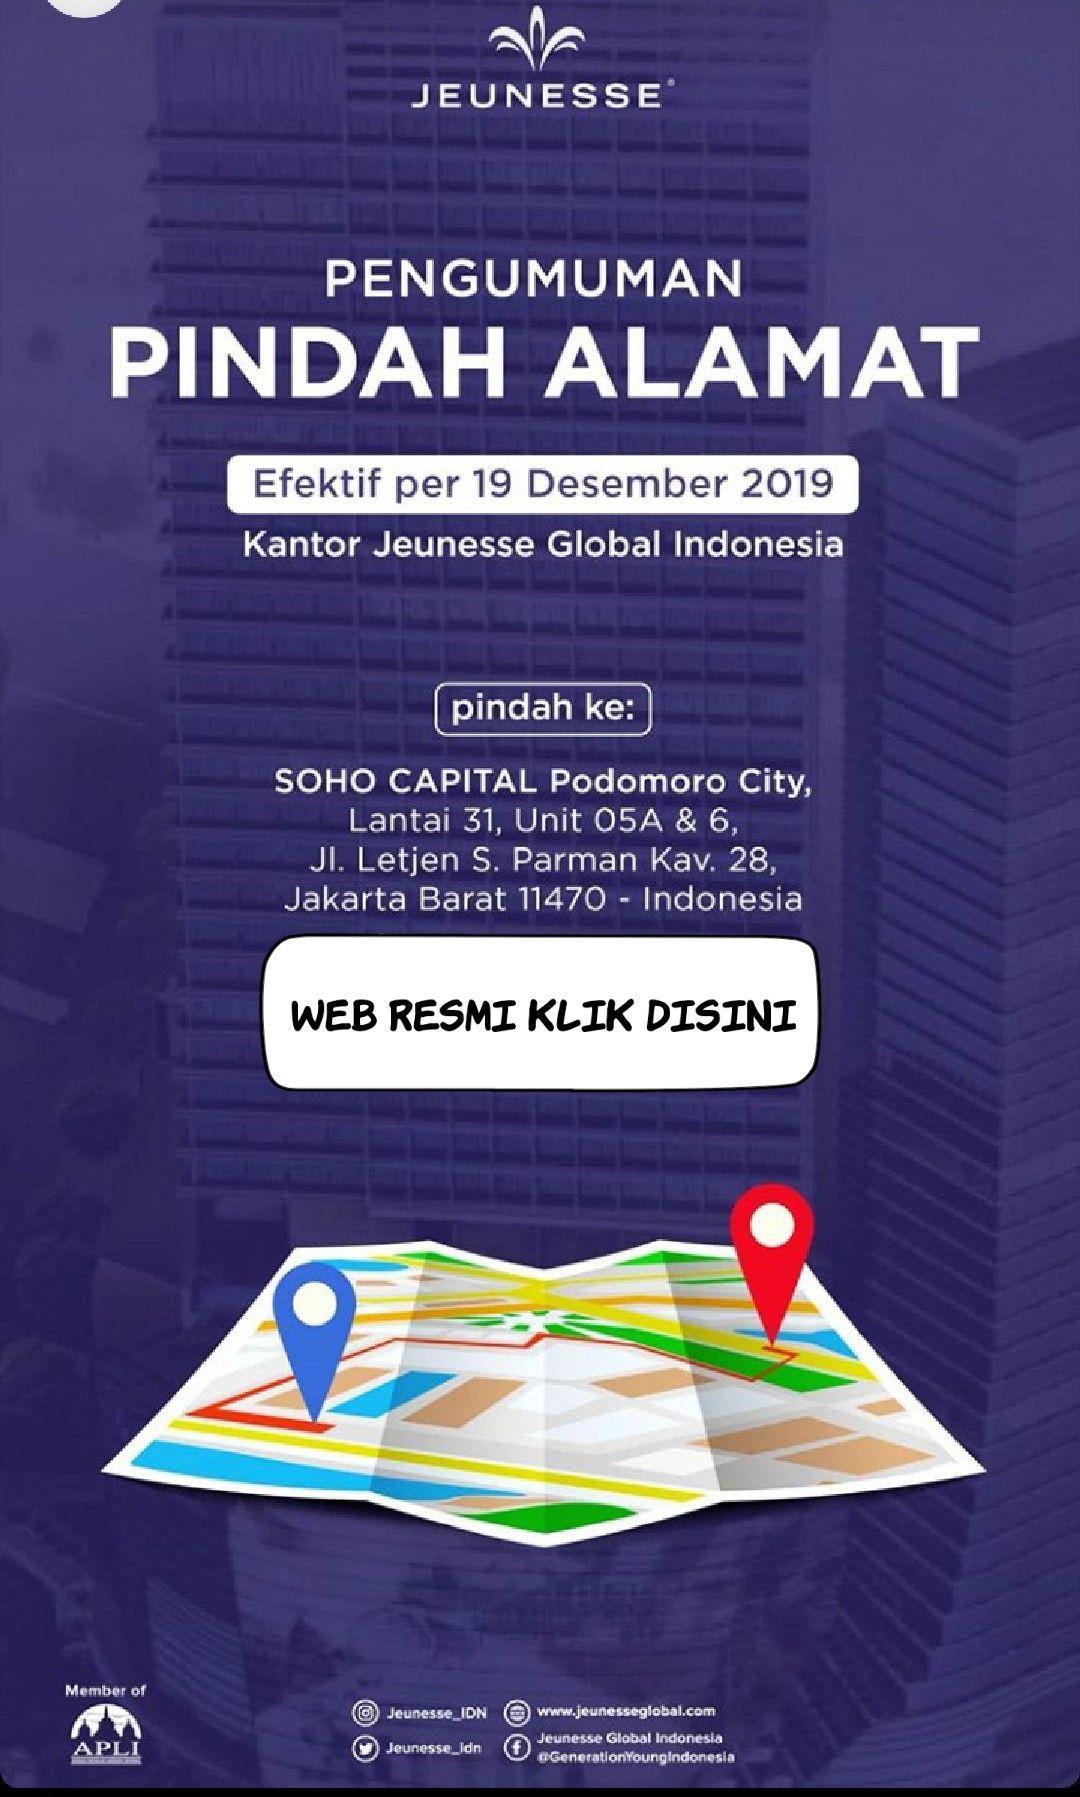 Kantor Reserve Jeunesse Indonesia Pindah Alamat Indonesia Soho